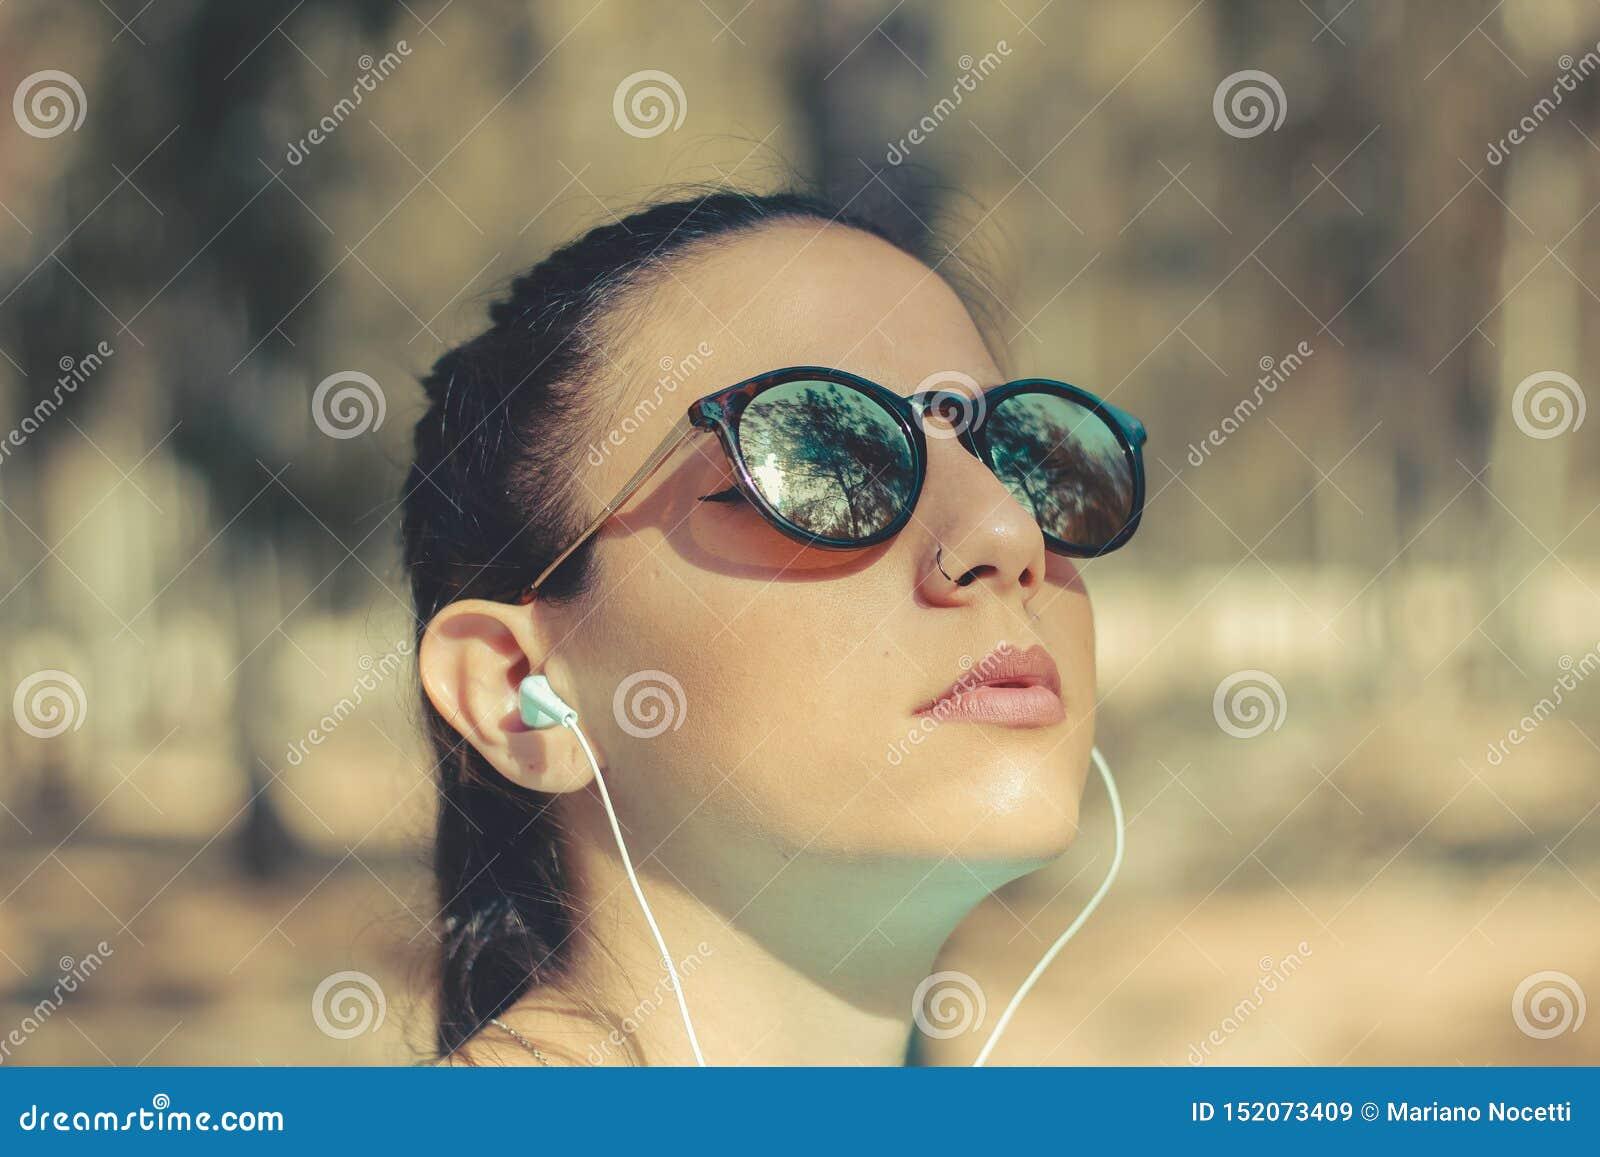 Portret van een jonge meisje het luisteren muziek openlucht